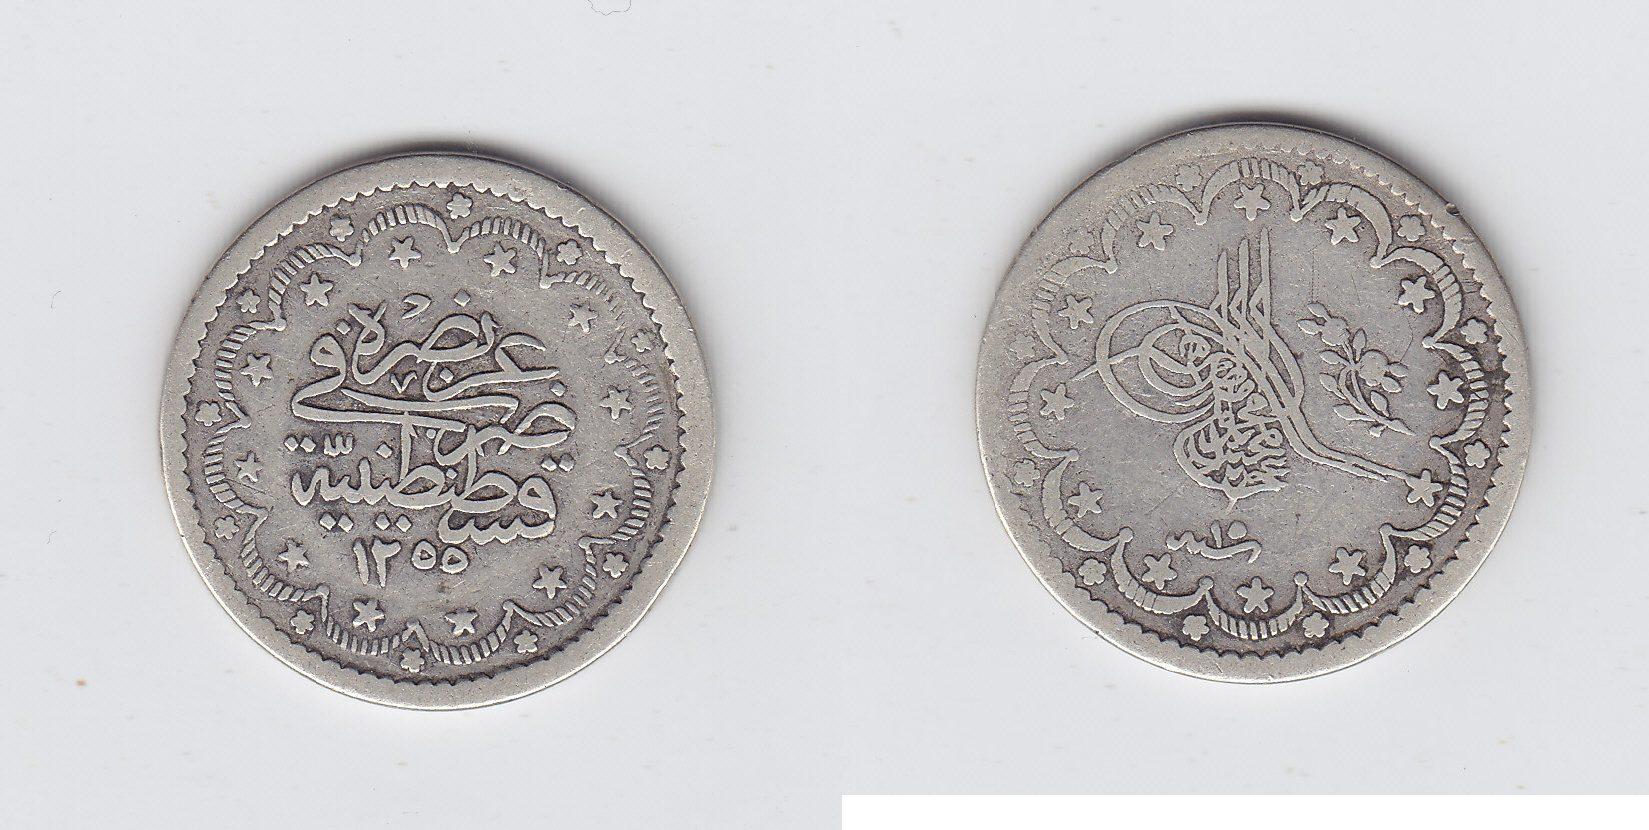 Türkei 5 Kurusch 1255/15AH Konst. ss